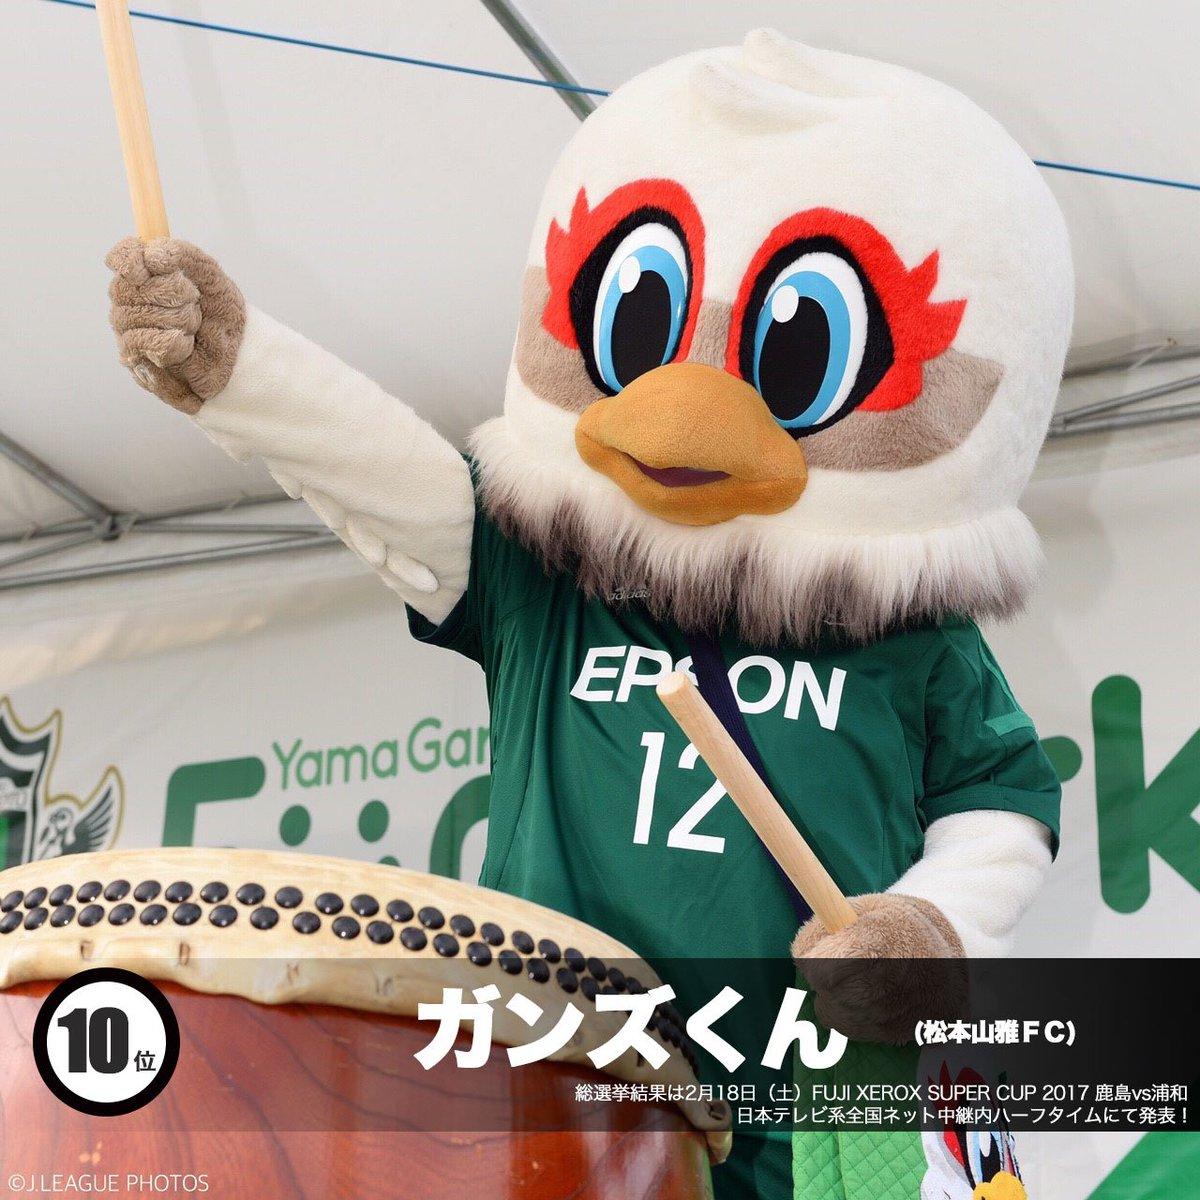 🏅#Jマスコット総選挙 結果発表🎖  🎖 10位:ガンズくん ⚽️ 松本山雅FC  #Jリーグ開幕 …